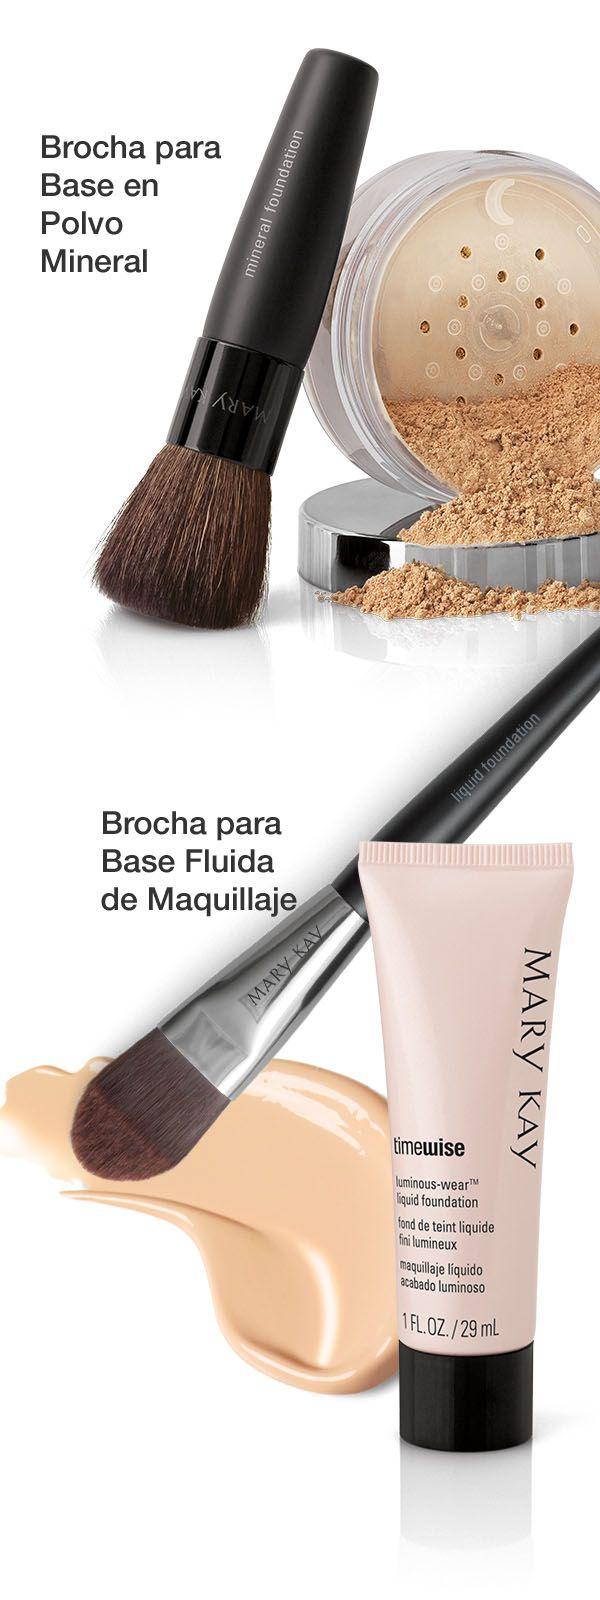 ¿Te encantan los resultados profesionales y sin esfuerzos? Utiliza la brocha adecuada para la aplicación de tu base de maquillaje.